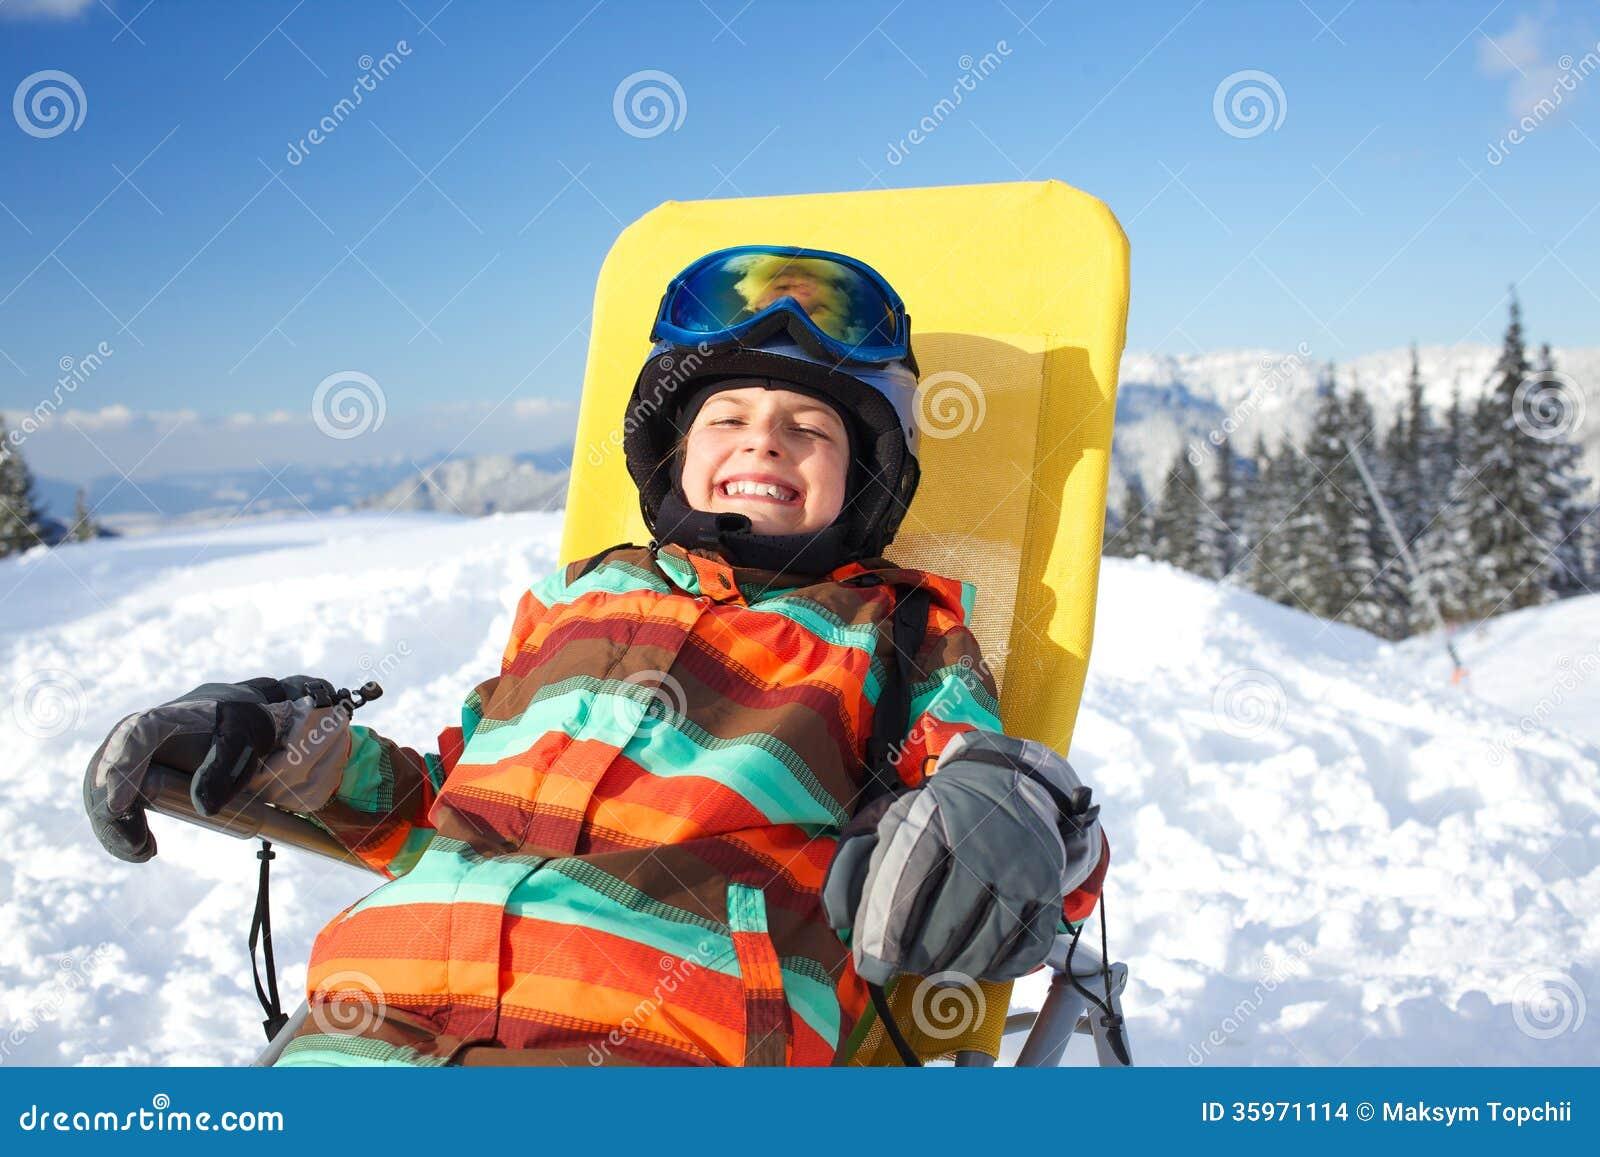 Invierno, esquí, sol y diversión.